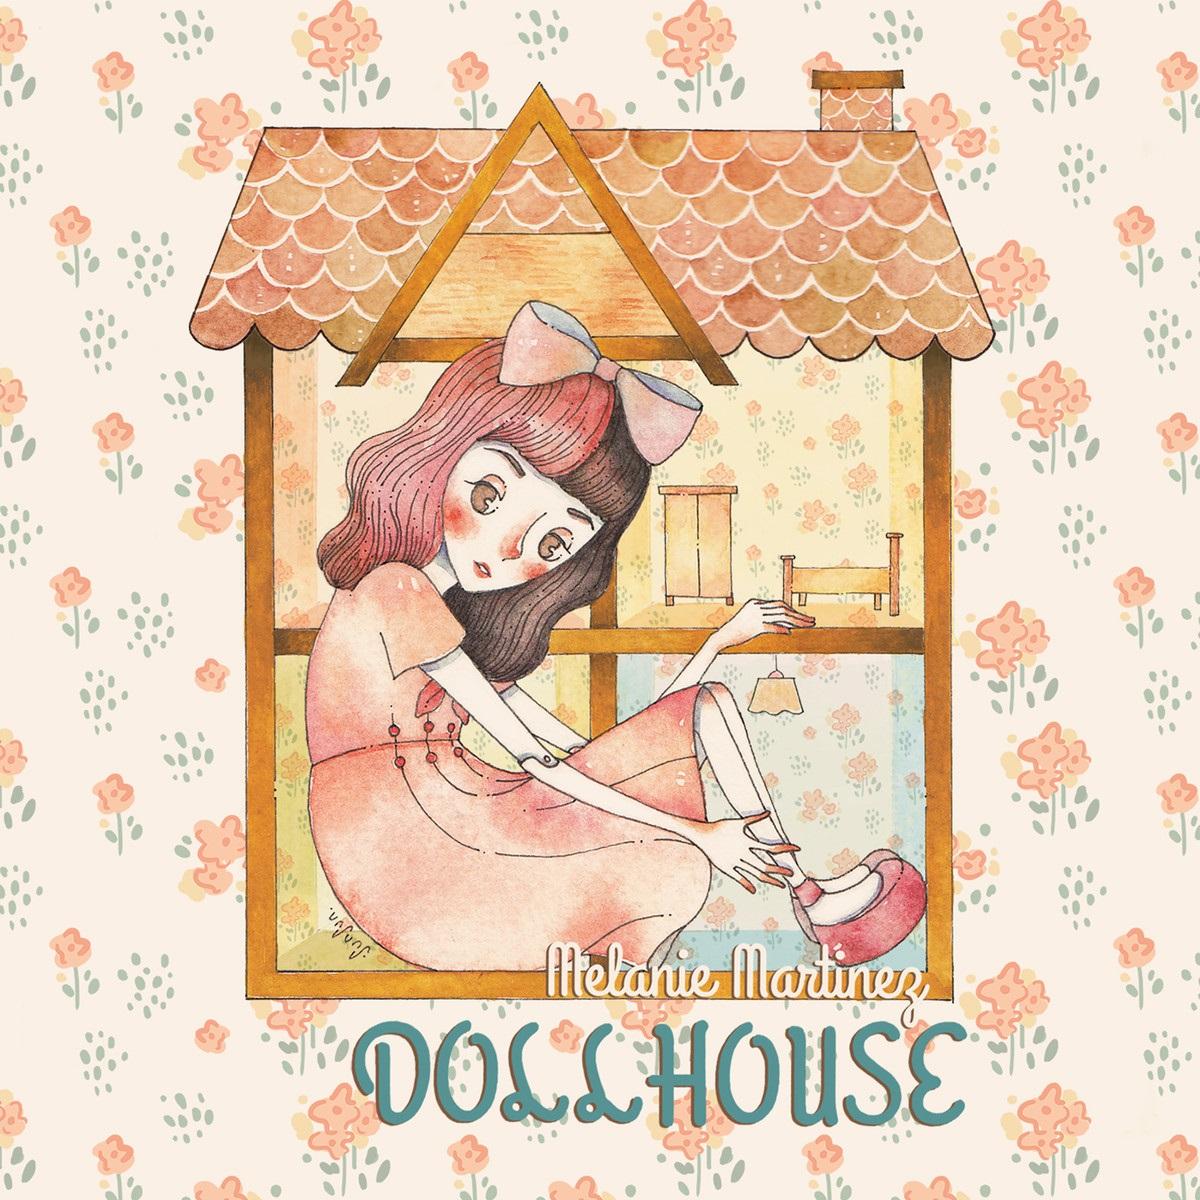 Dollhouse Melanie Martinez Wiki Fandom Powered By Wikia